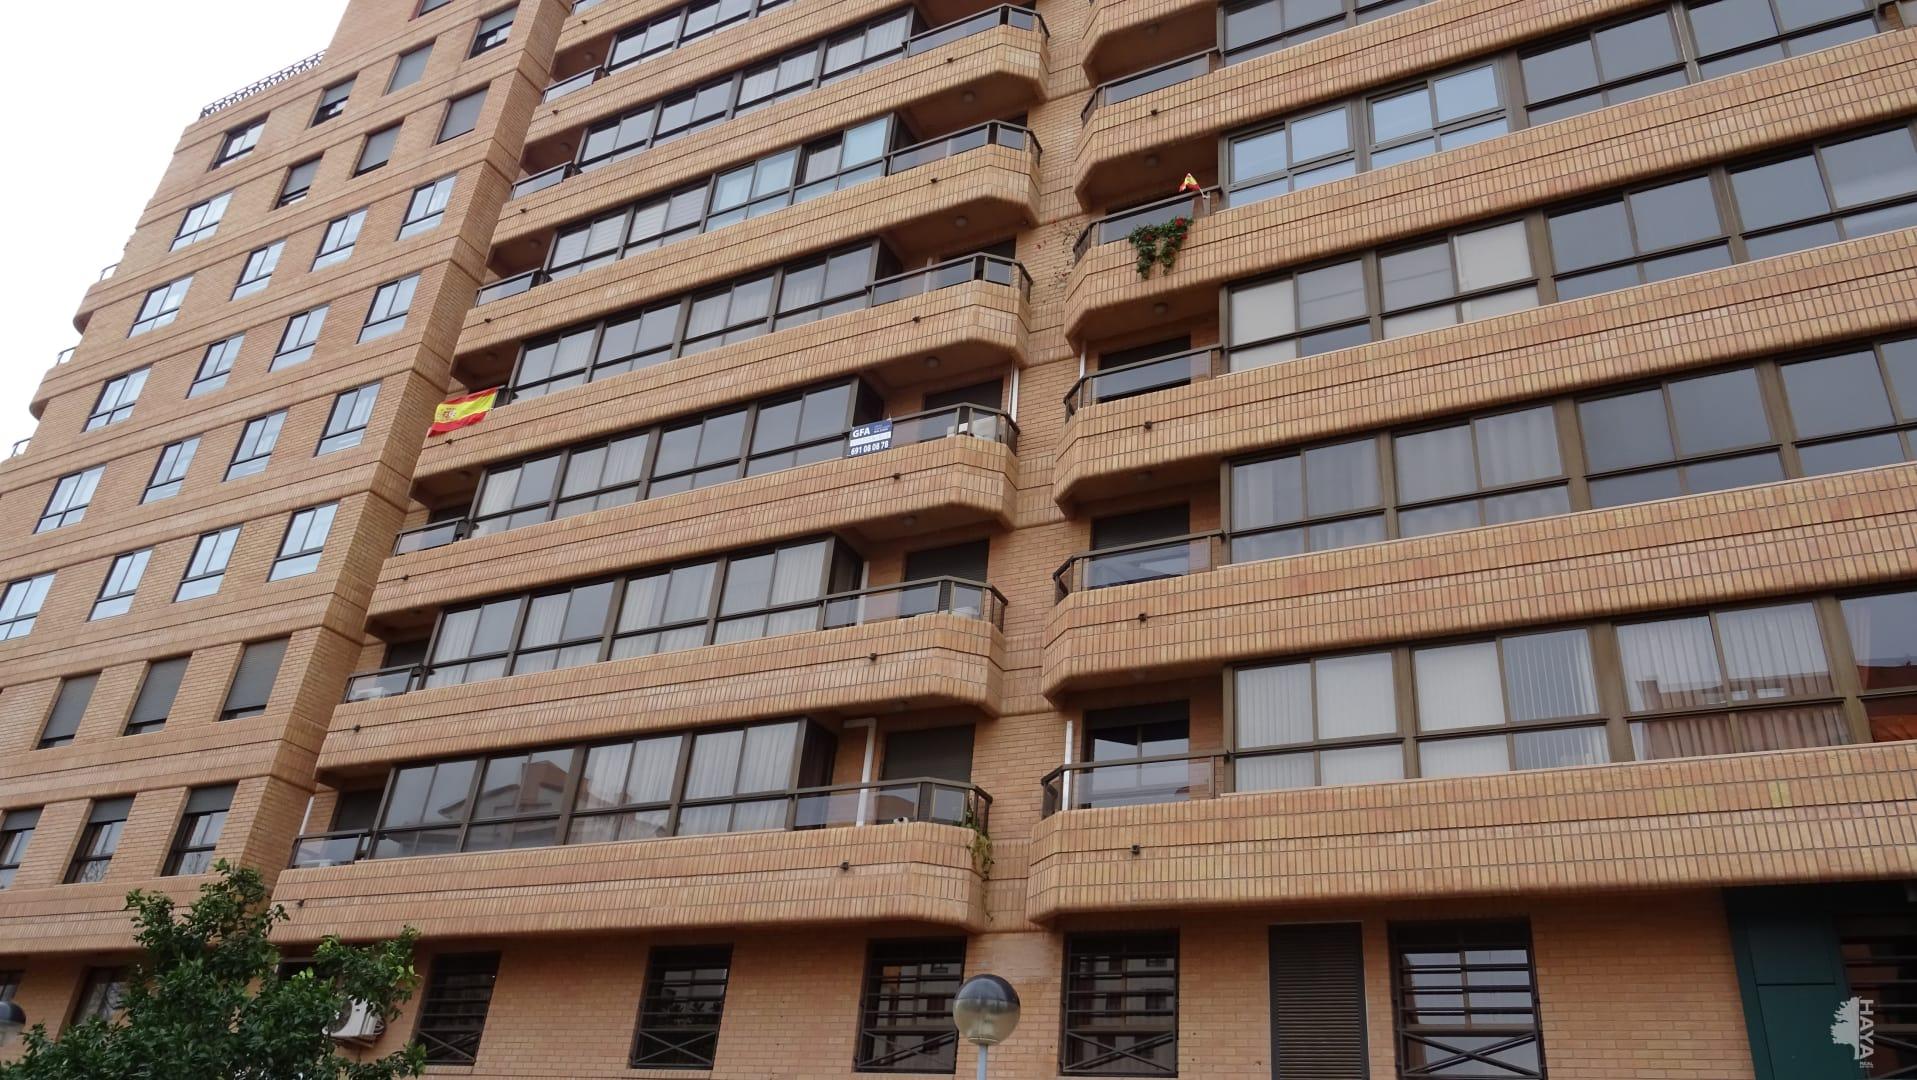 Pisos y casas en castell n pisos y casas de bancos al mejor precio - Pisos del bbva en vila real ...